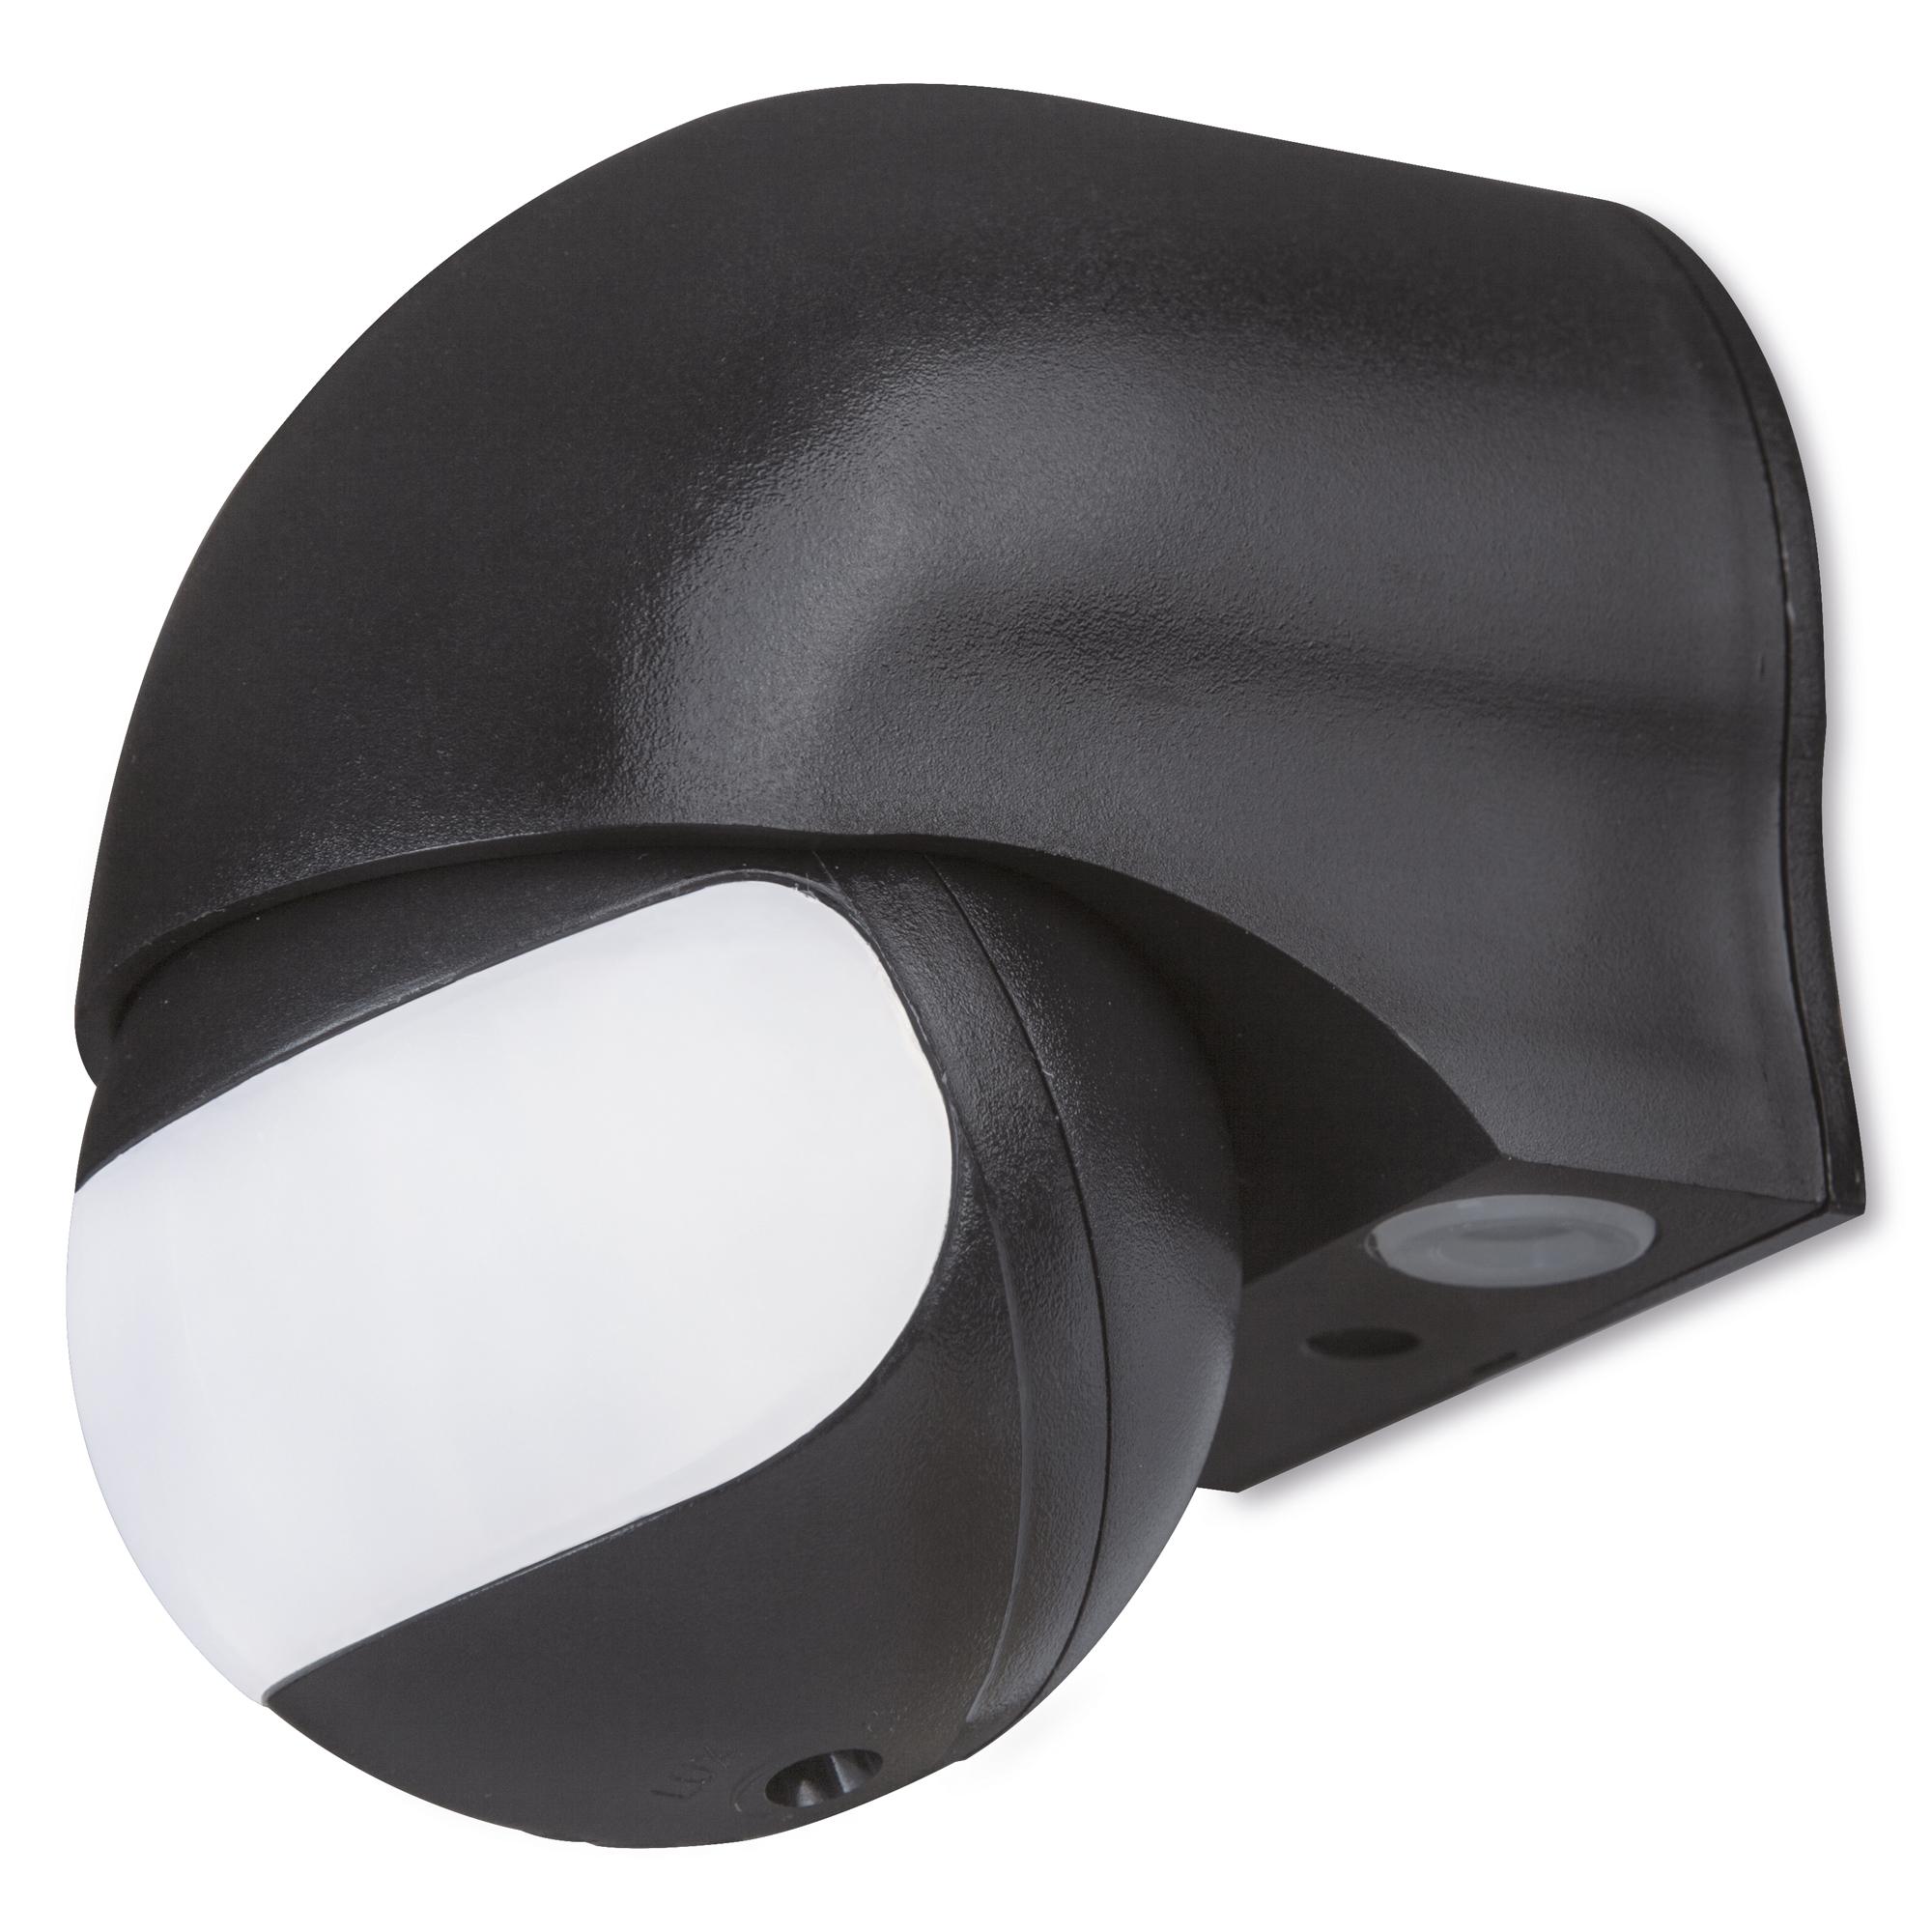 bewegungsmelder infrarot wand decke innen au en aufputz unterputz led geeignet ebay. Black Bedroom Furniture Sets. Home Design Ideas